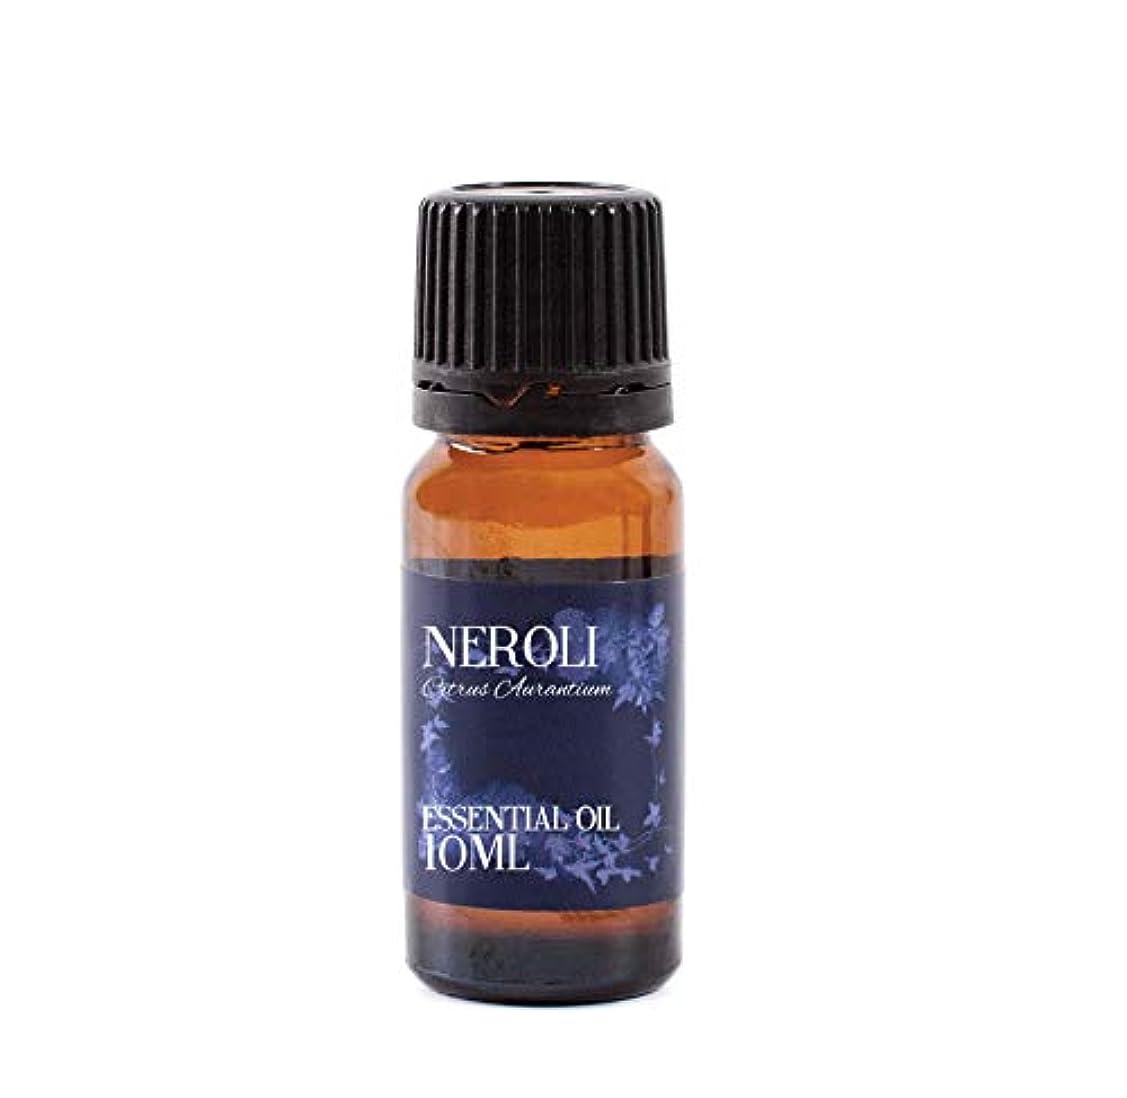 ピンポイント構成員気味の悪いMystic Moments | Neroli Essential Oil - 10ml